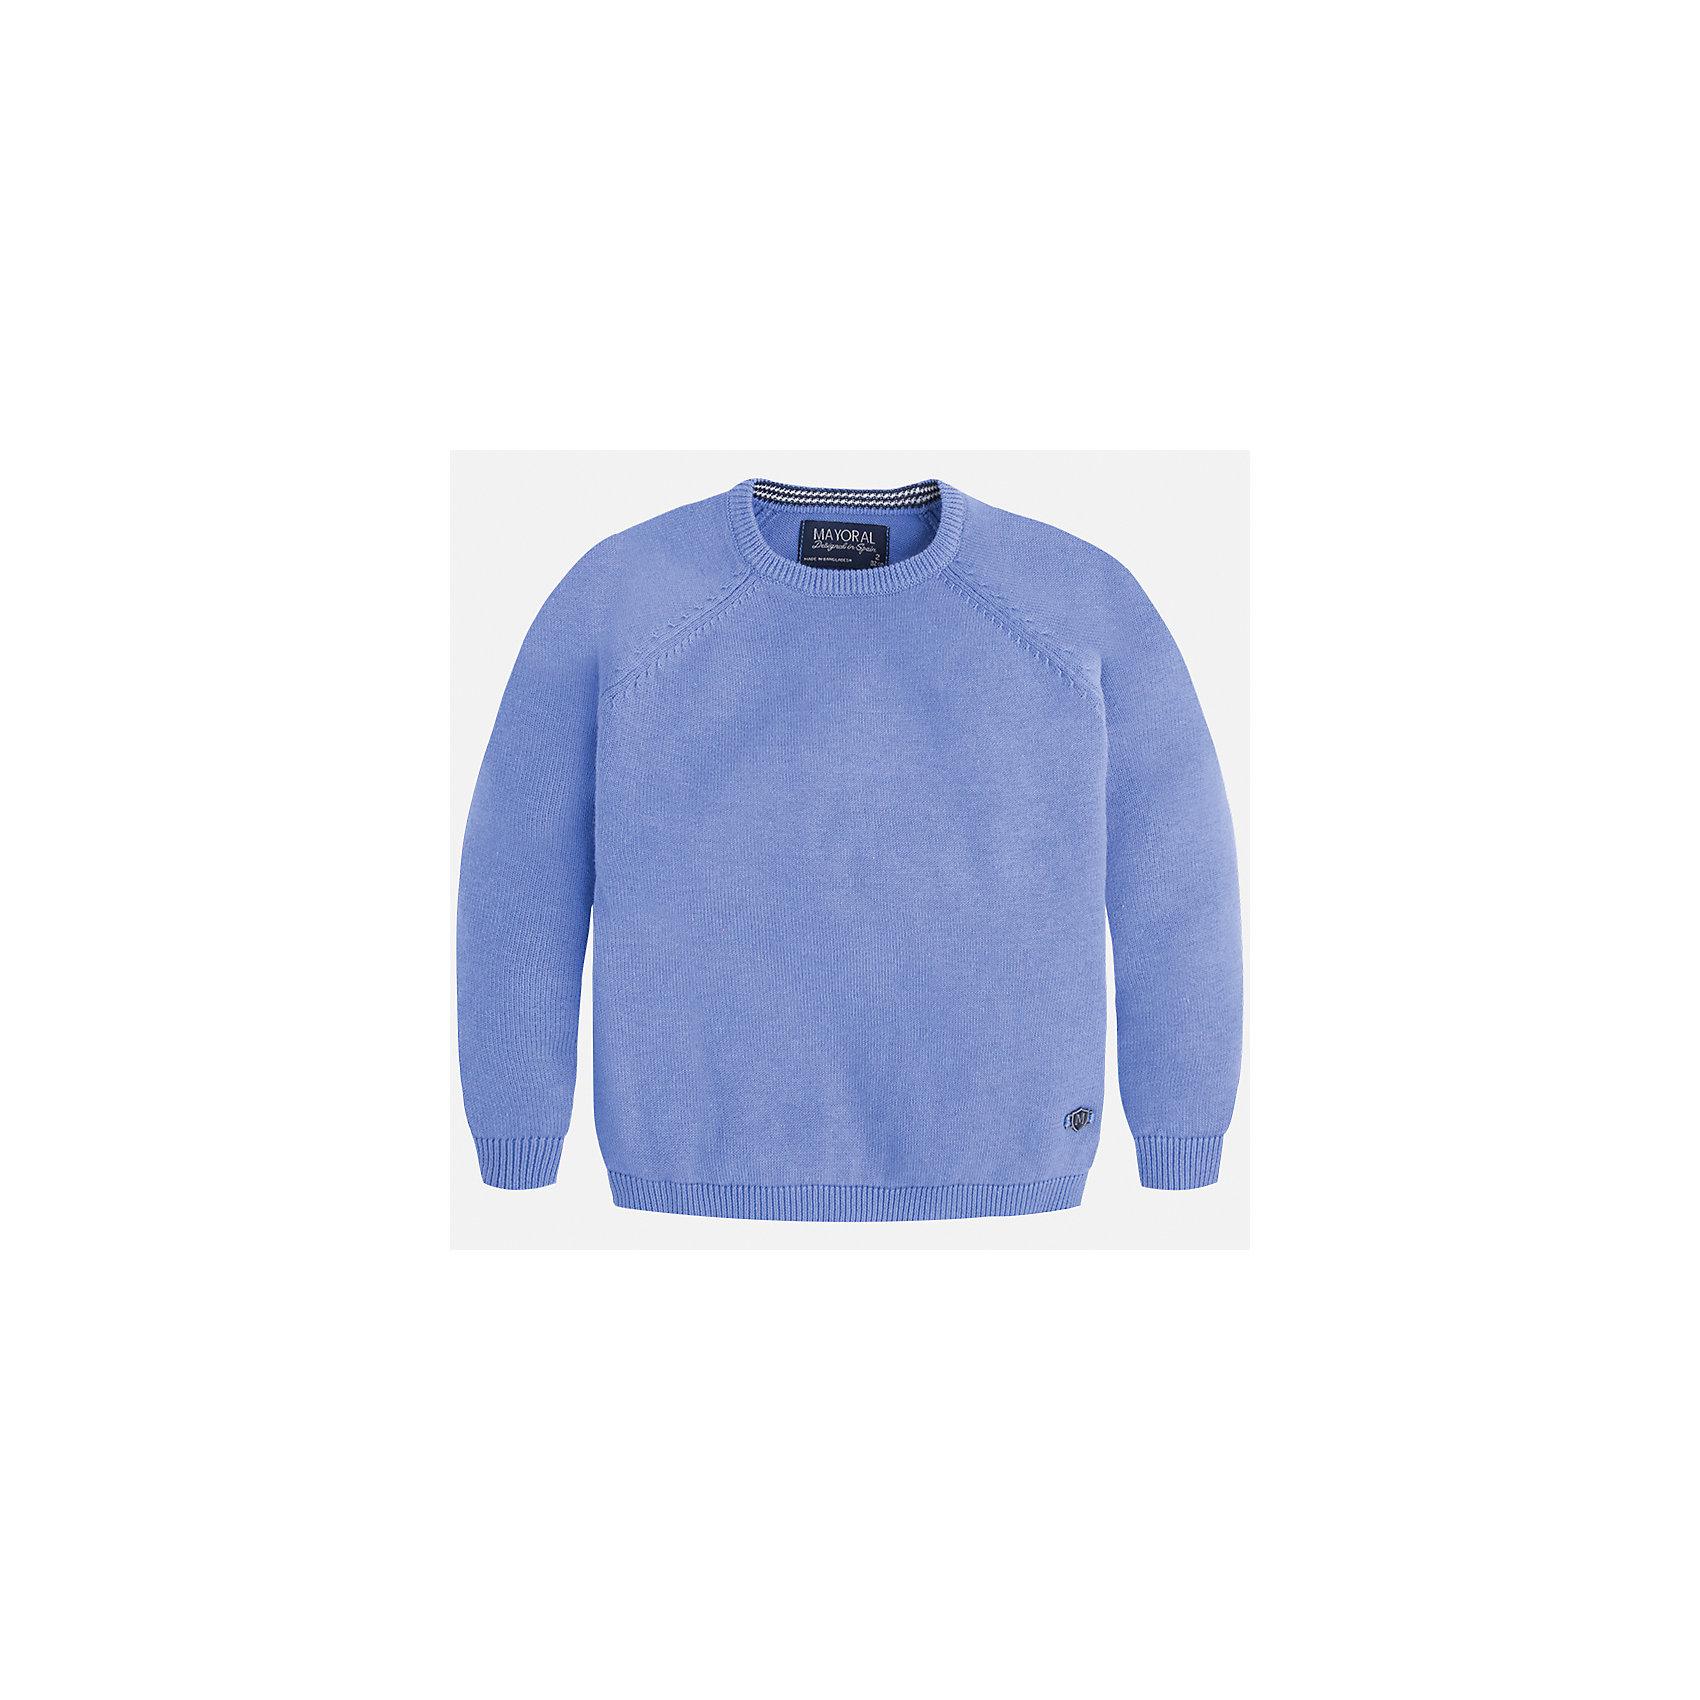 Свитер для мальчика MayoralХарактеристики товара:<br><br>• цвет: голубой<br>• состав: 60% хлопок, 30% полиэстер, 10% шерсть<br>• рукава длинные <br>• округлая горловина<br>• манжеты<br>• страна бренда: Испания<br><br>Удобный и красивый свитер для мальчика поможет разнообразить гардероб ребенка и обеспечить тепло. Он отлично сочетается и с джинсами, и с брюками. Универсальный цвет позволяет подобрать к вещи низ различных расцветок. Интересная отделка модели делает её нарядной и оригинальной. В составе материала - натуральный хлопок, гипоаллергенный, приятный на ощупь, дышащий.<br><br>Одежда, обувь и аксессуары от испанского бренда Mayoral полюбились детям и взрослым по всему миру. Модели этой марки - стильные и удобные. Для их производства используются только безопасные, качественные материалы и фурнитура. Порадуйте ребенка модными и красивыми вещами от Mayoral! <br><br>Свитер для мальчика от испанского бренда Mayoral (Майорал) можно купить в нашем интернет-магазине.<br><br>Ширина мм: 190<br>Глубина мм: 74<br>Высота мм: 229<br>Вес г: 236<br>Цвет: голубой<br>Возраст от месяцев: 72<br>Возраст до месяцев: 84<br>Пол: Мужской<br>Возраст: Детский<br>Размер: 116,98,122,104,92,110,134,128<br>SKU: 5277970